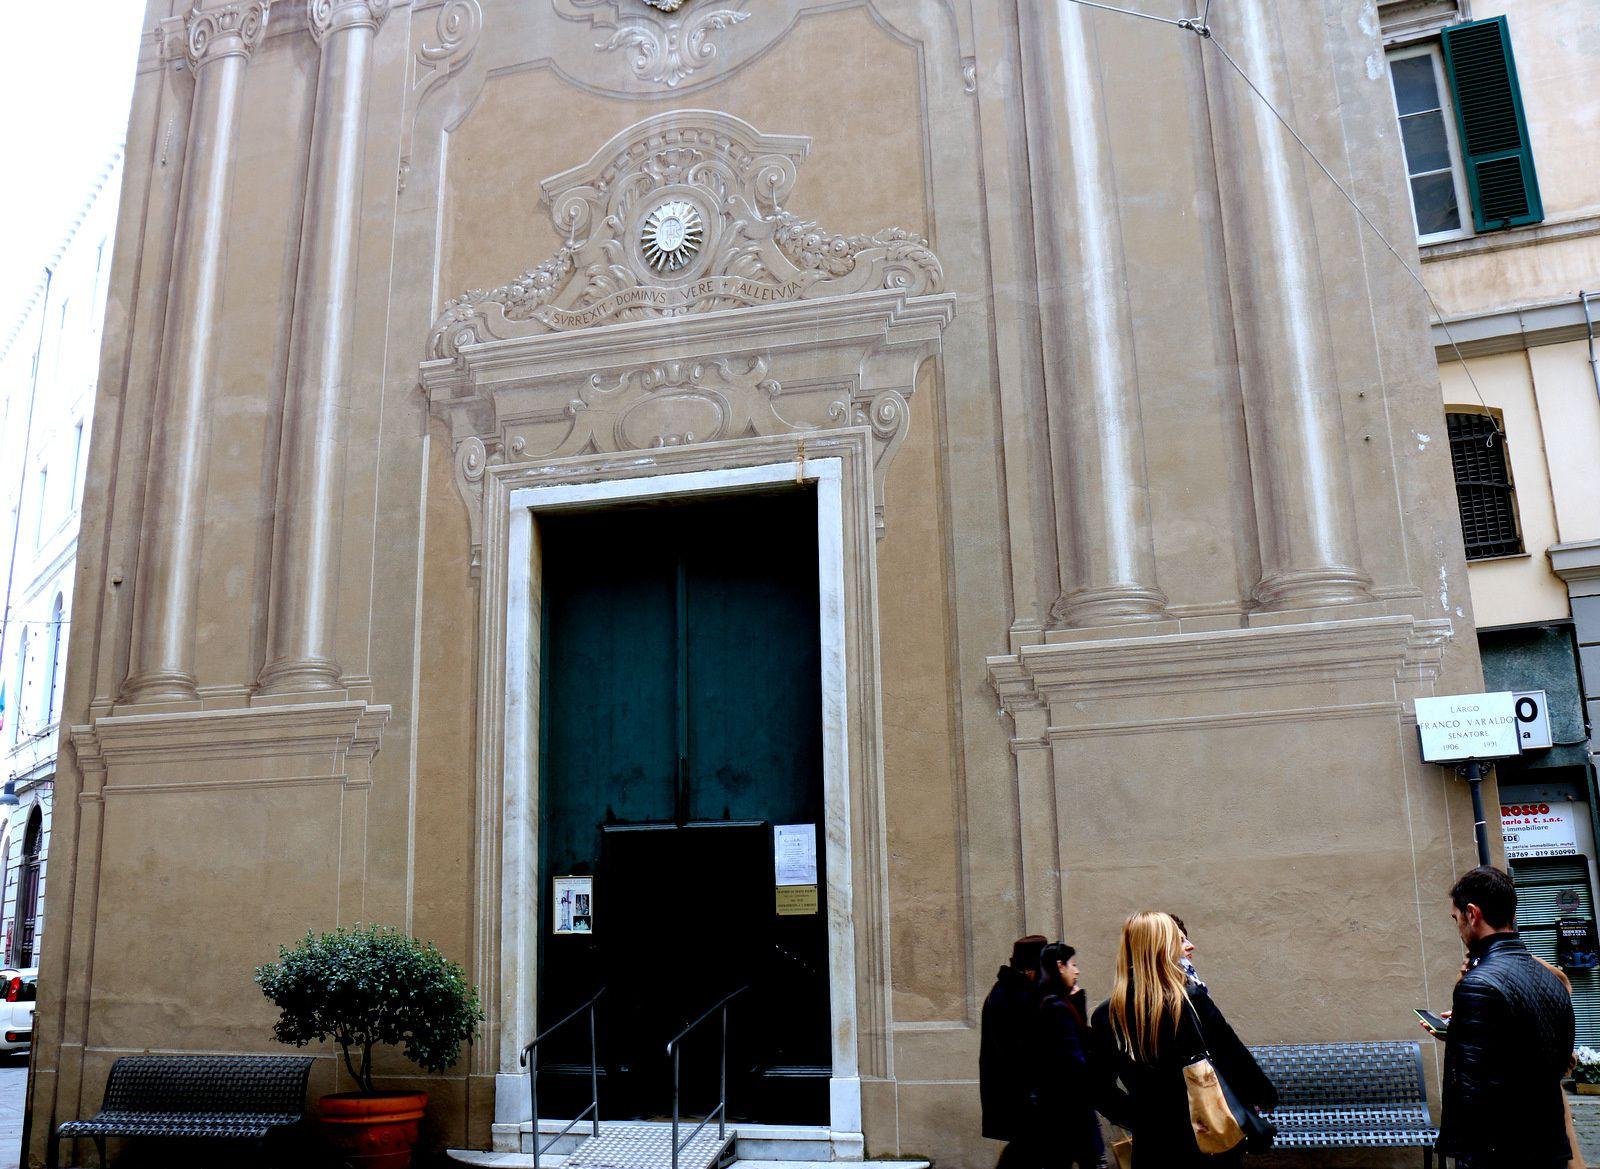 Oratorio del Cristo Risorto (Oratoire du Christ ressuscité), Savone (Italie)